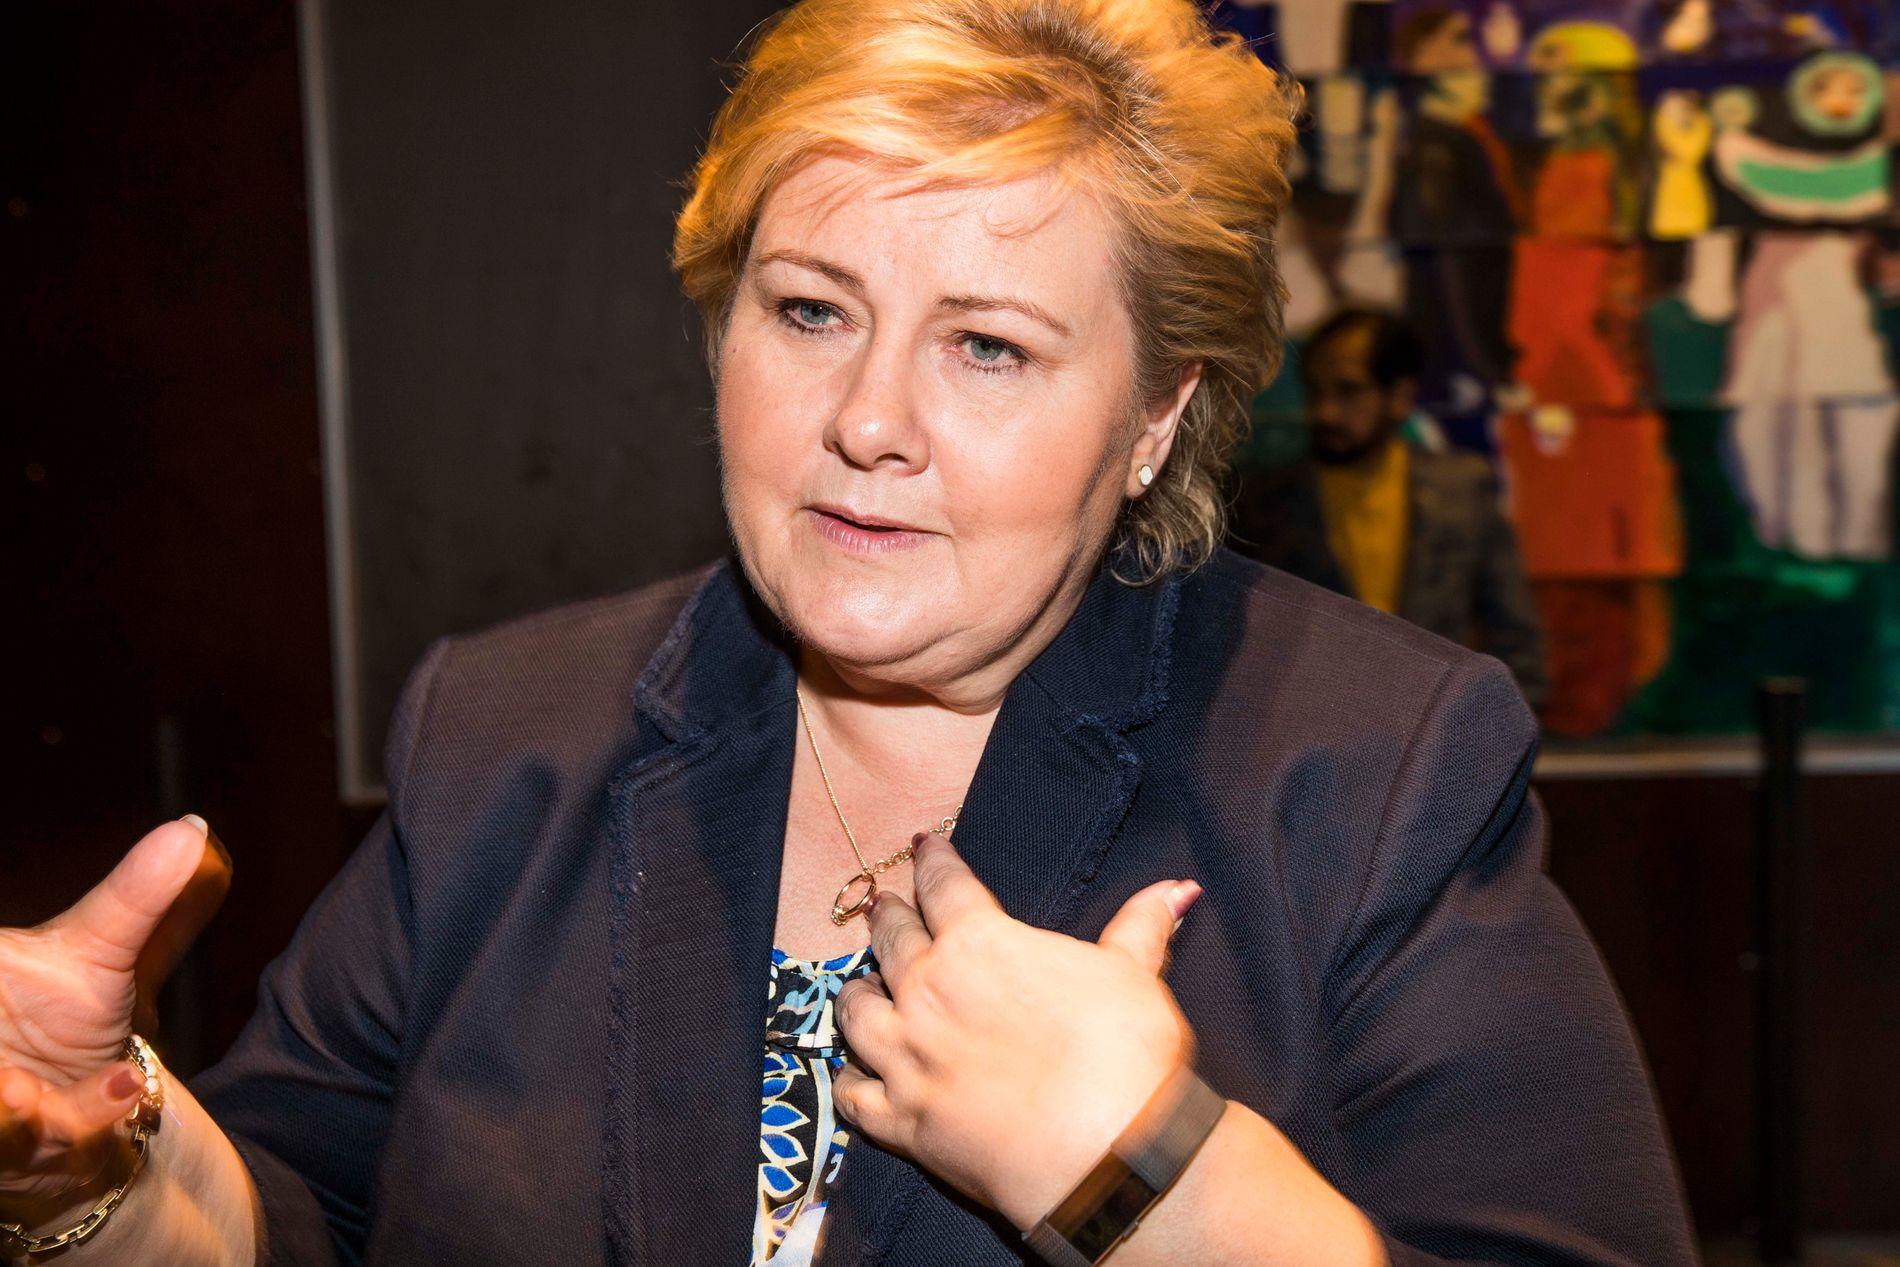 – Jeg har ikke hatt kunnskap om hvor sterke de har vært, sier statsminister Erna Solberg (H) om Oslo-gjengen Young Bloods.